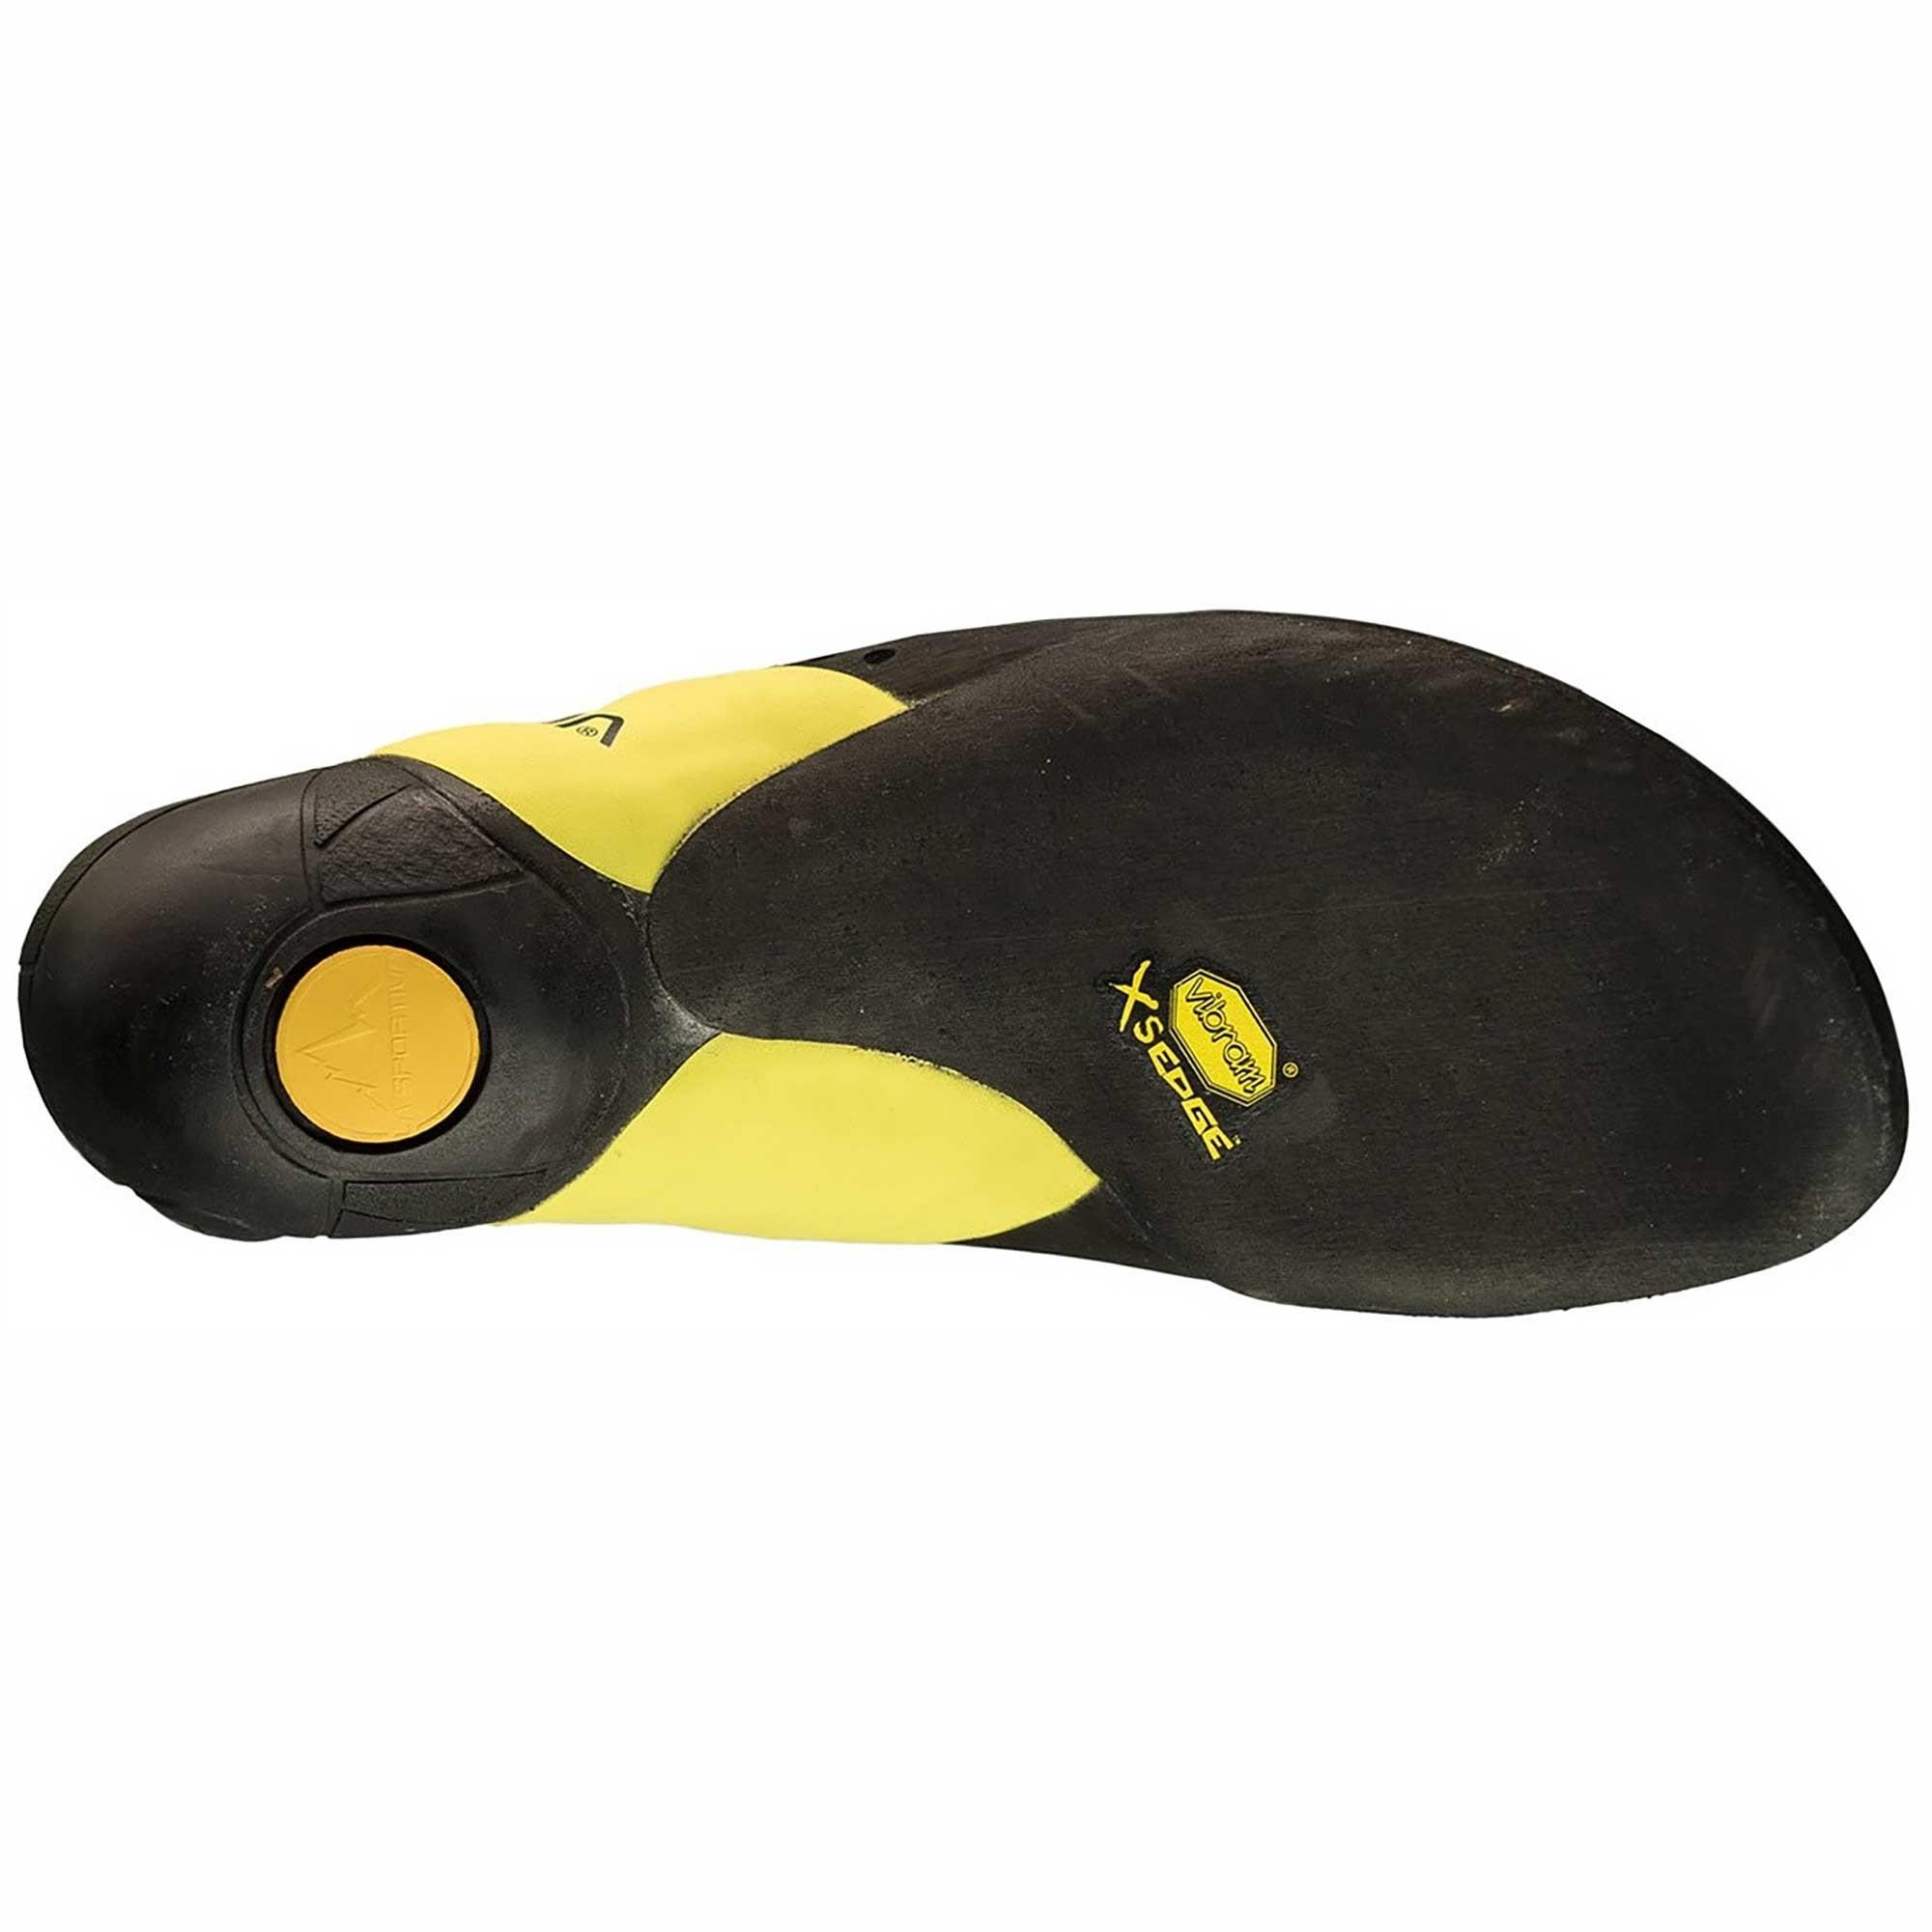 La-Sportiva-Kataki-Rock-Climbing-Shoe-4-S18